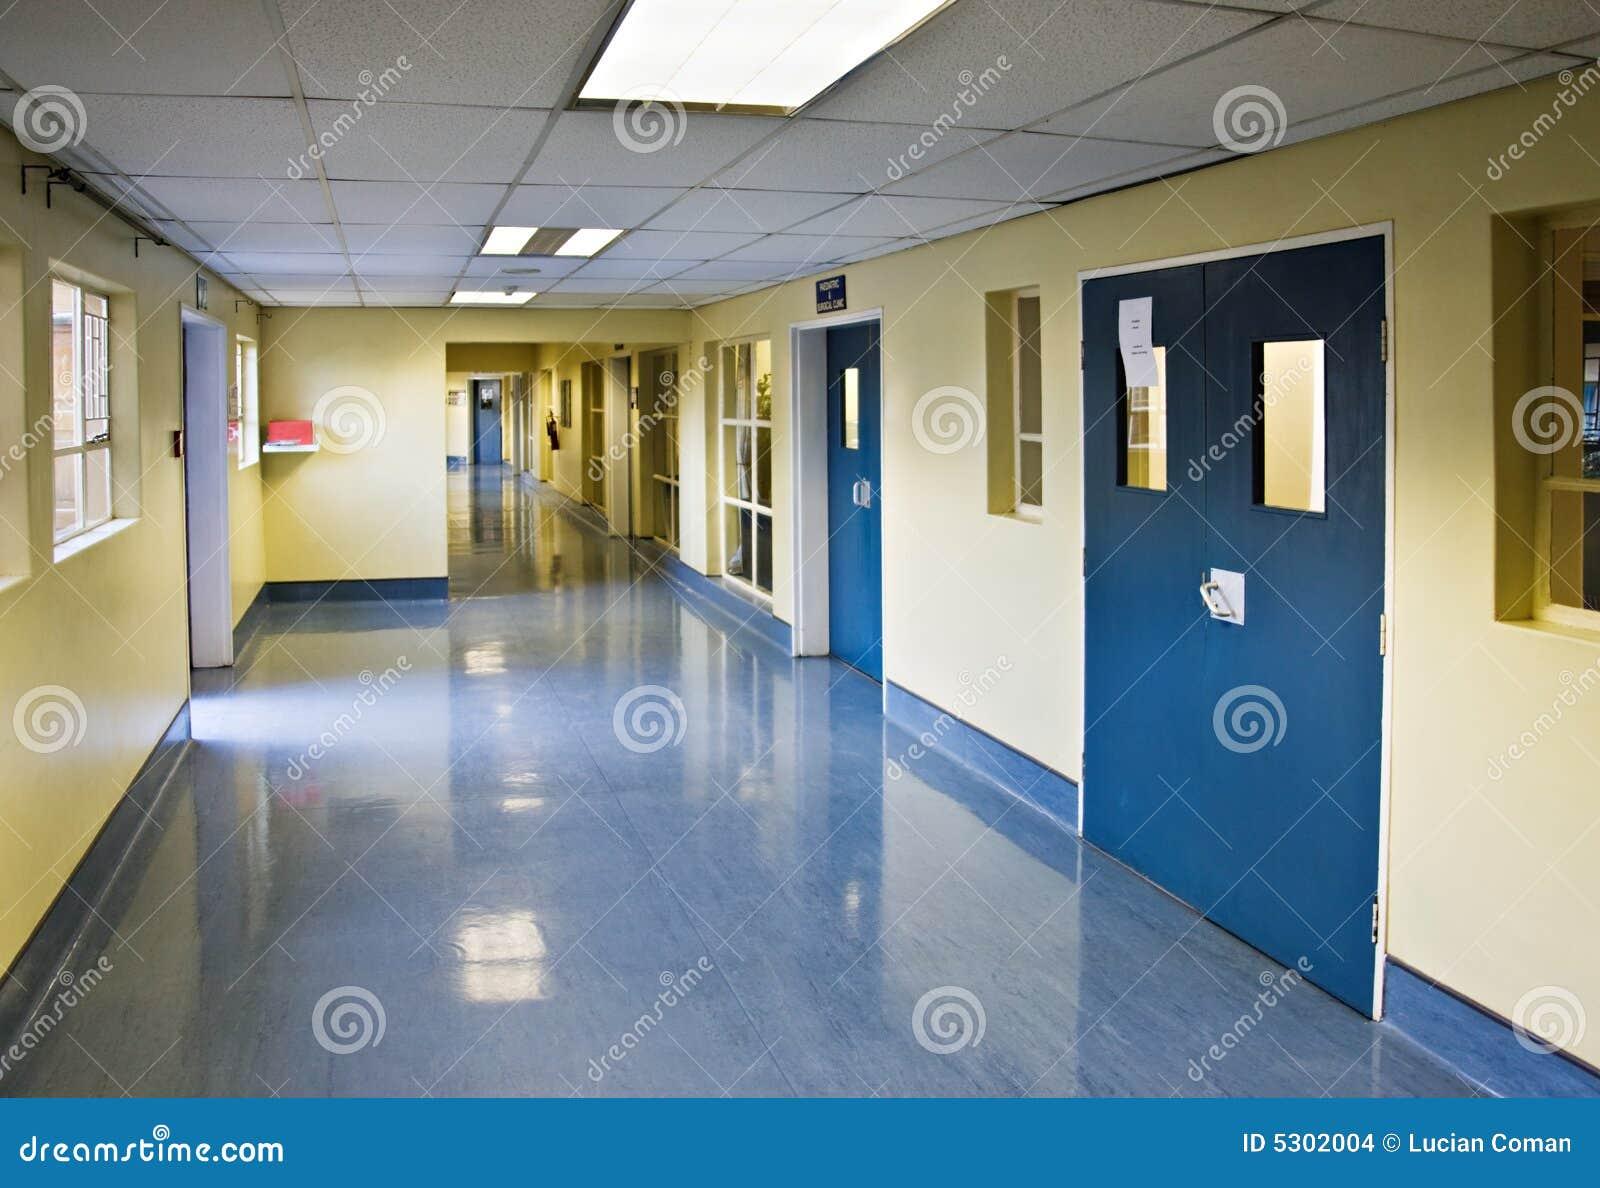 De gang van het ziekenhuis stock afbeeldingen beeld 5302004 - Deco van de gang ...